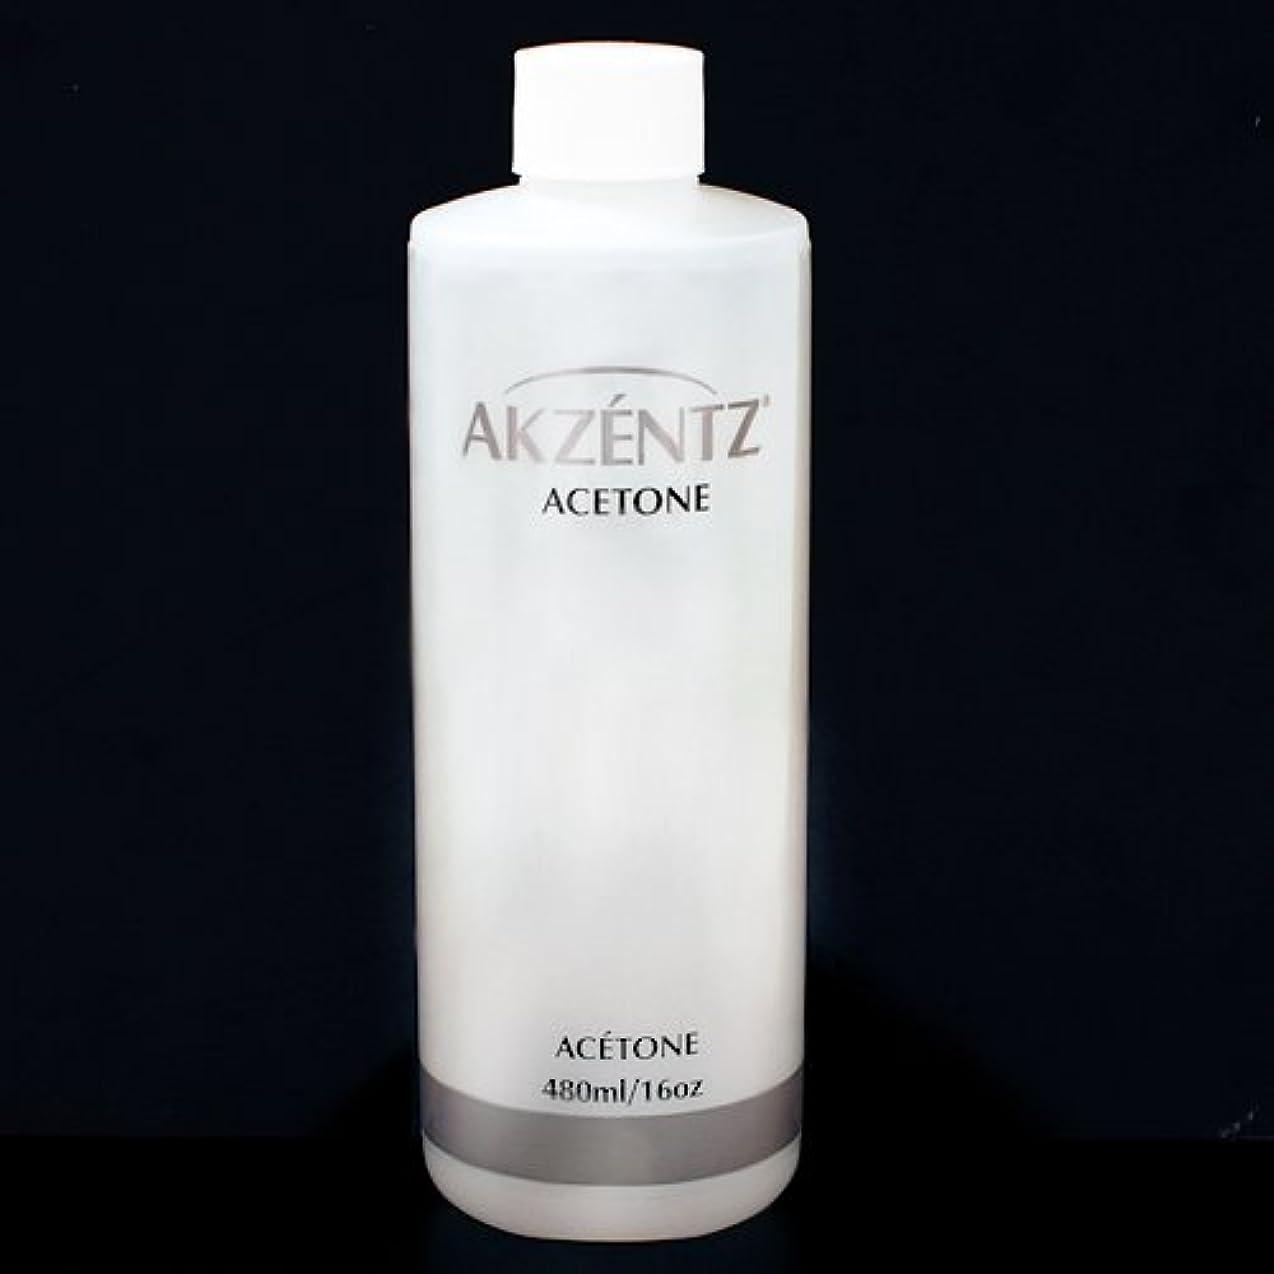 肥沃な言及する作り上げるアクセンツ(AKZENTZ) ネイルリムーバー (アセトン) 480ml